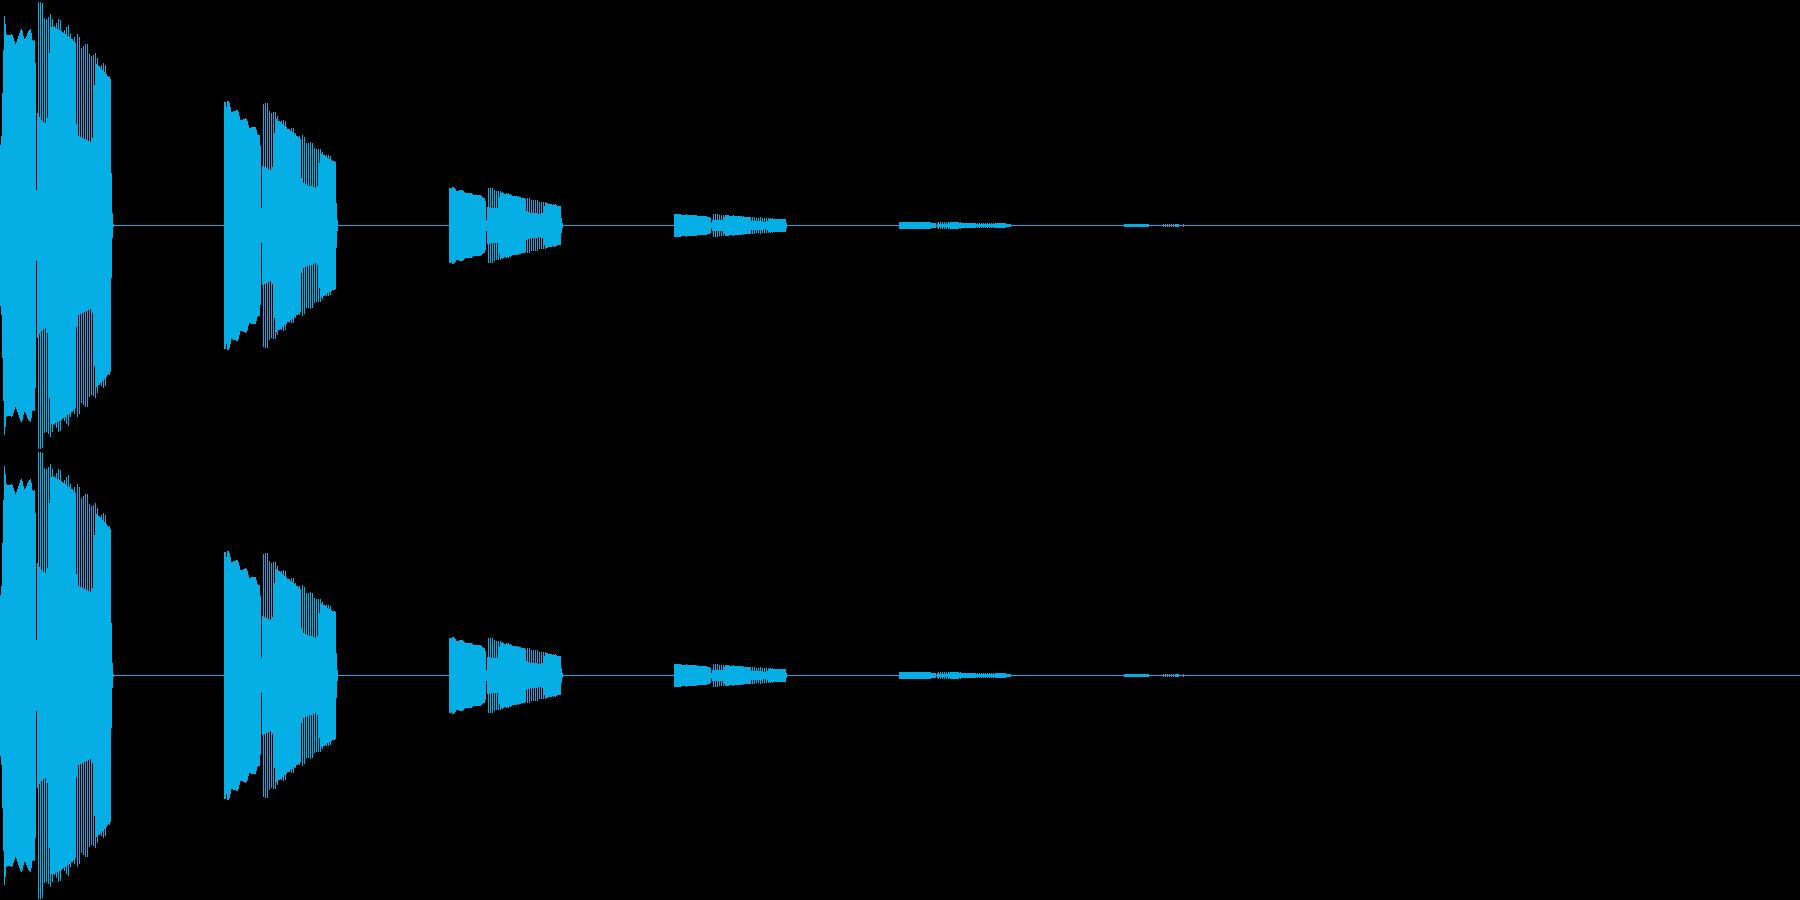 ボタン・カーソル・操作音 「ピロピロ…」の再生済みの波形